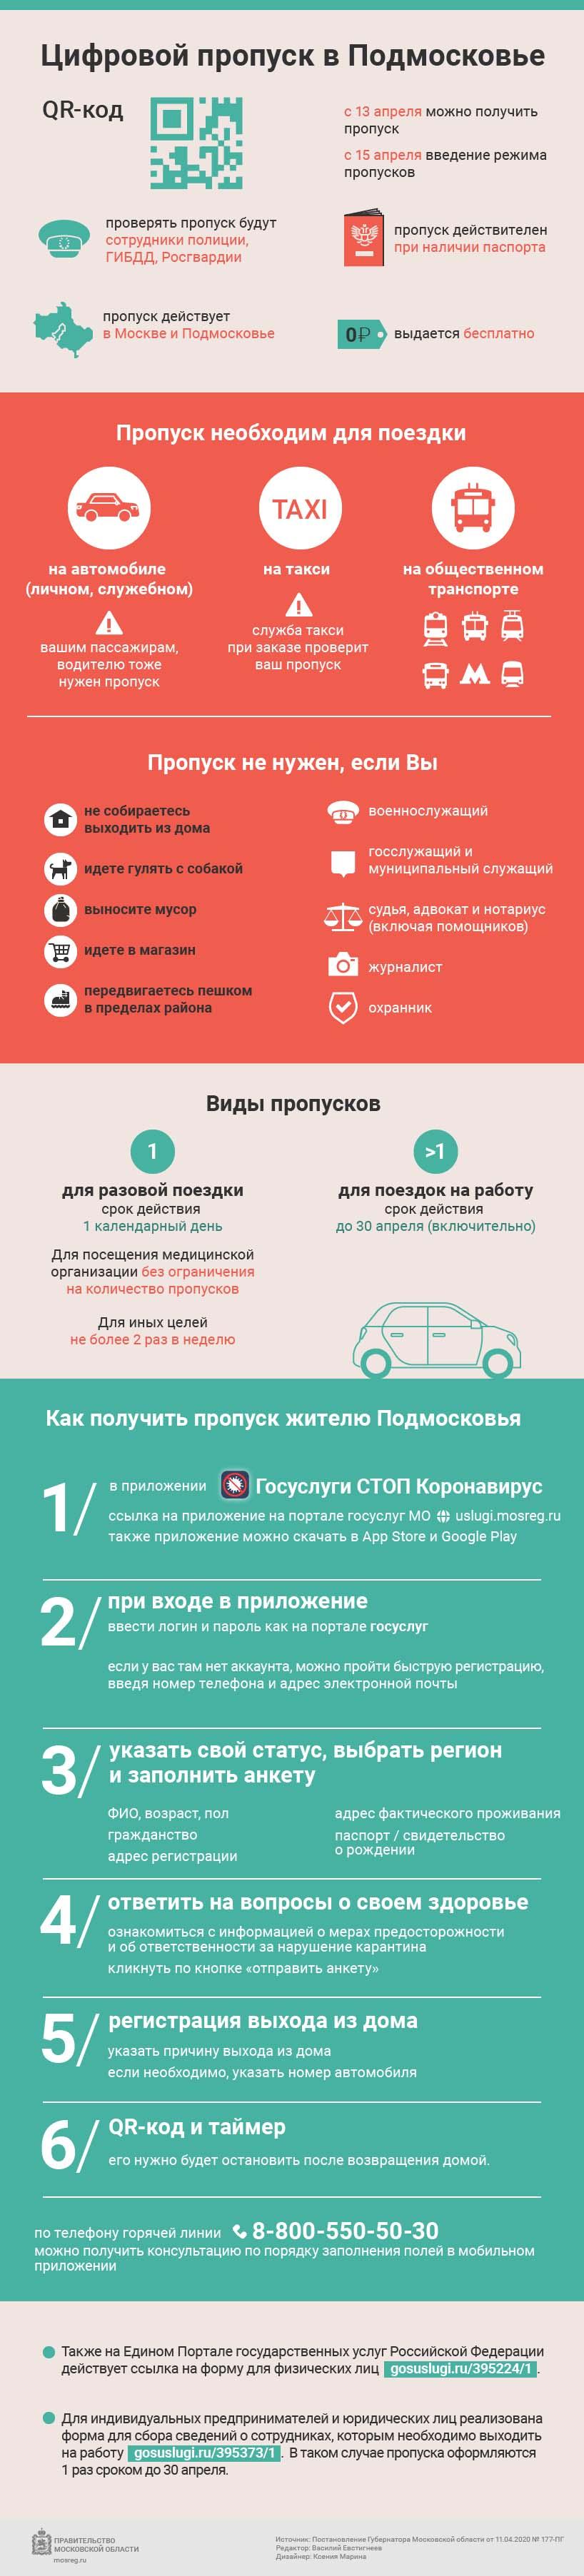 Пропуск в Московской области инофграфика